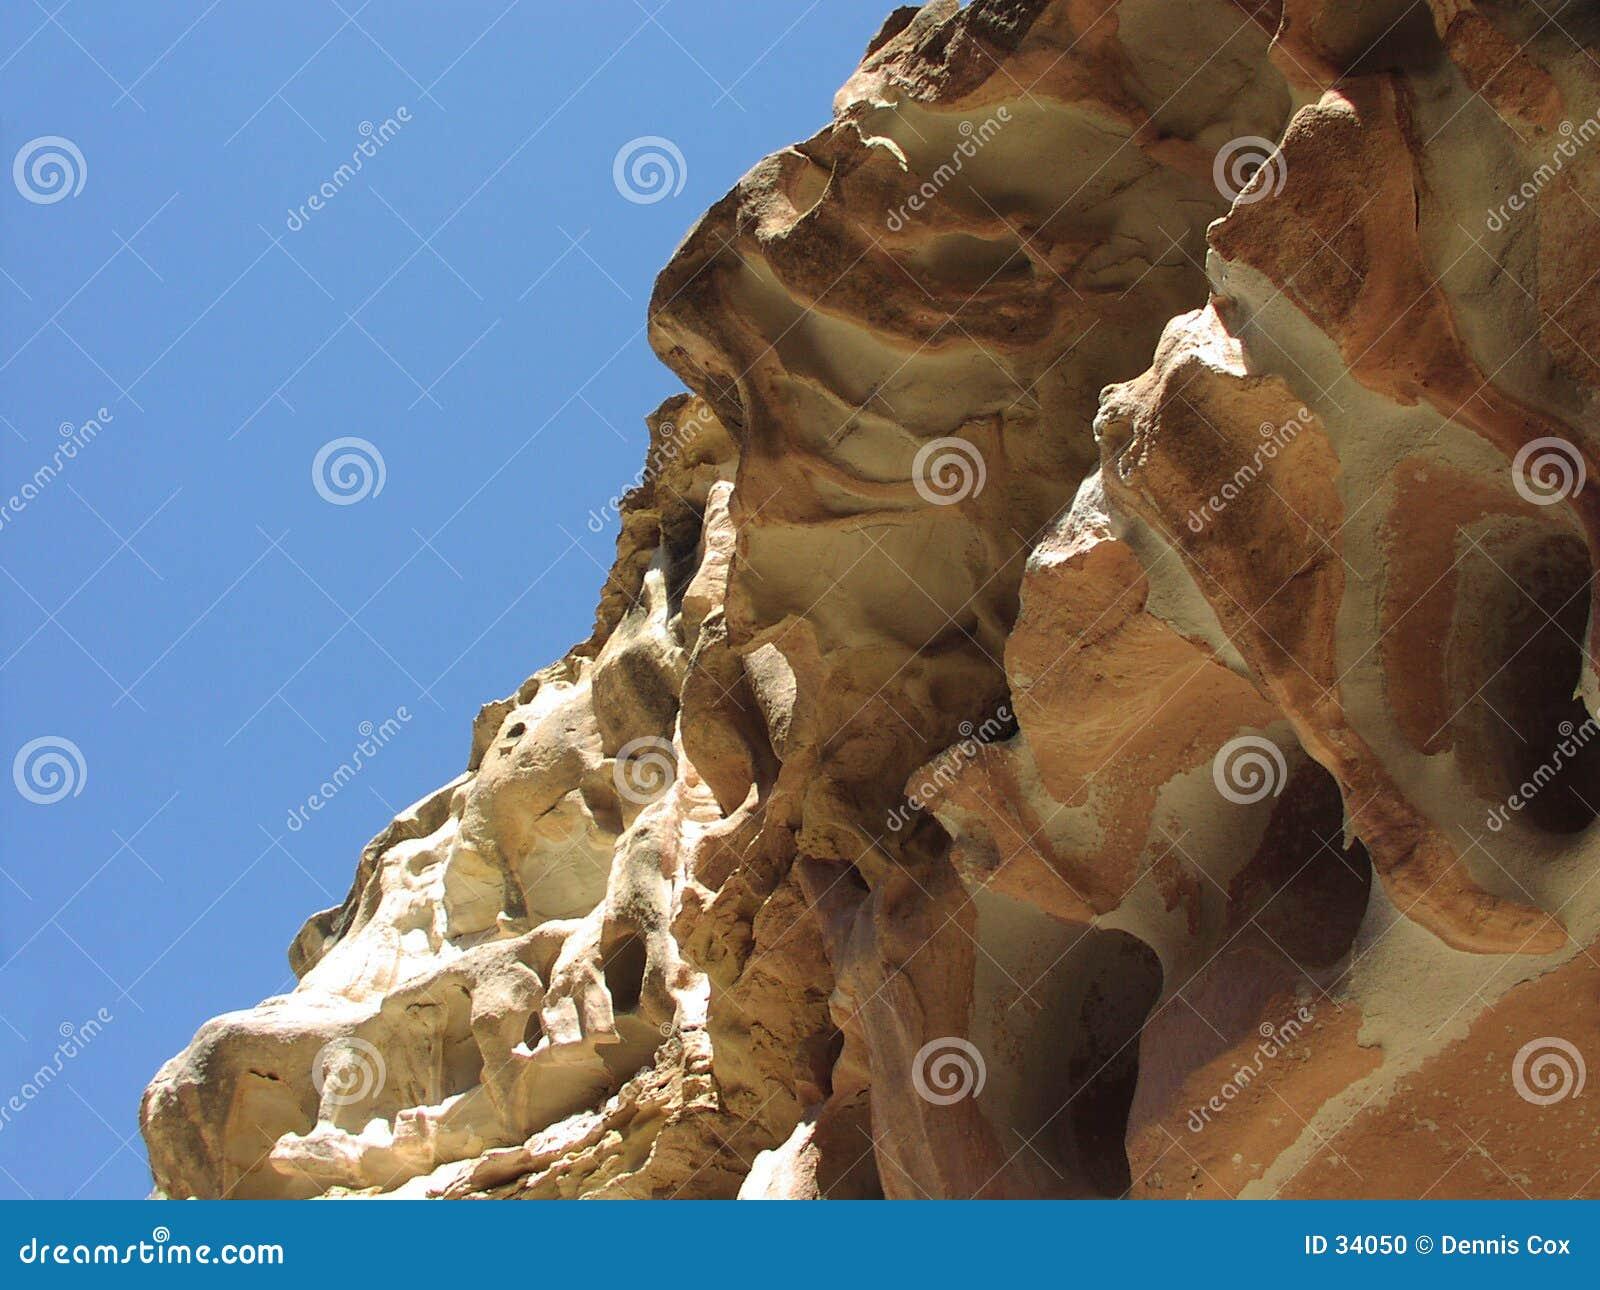 Overhangredrock